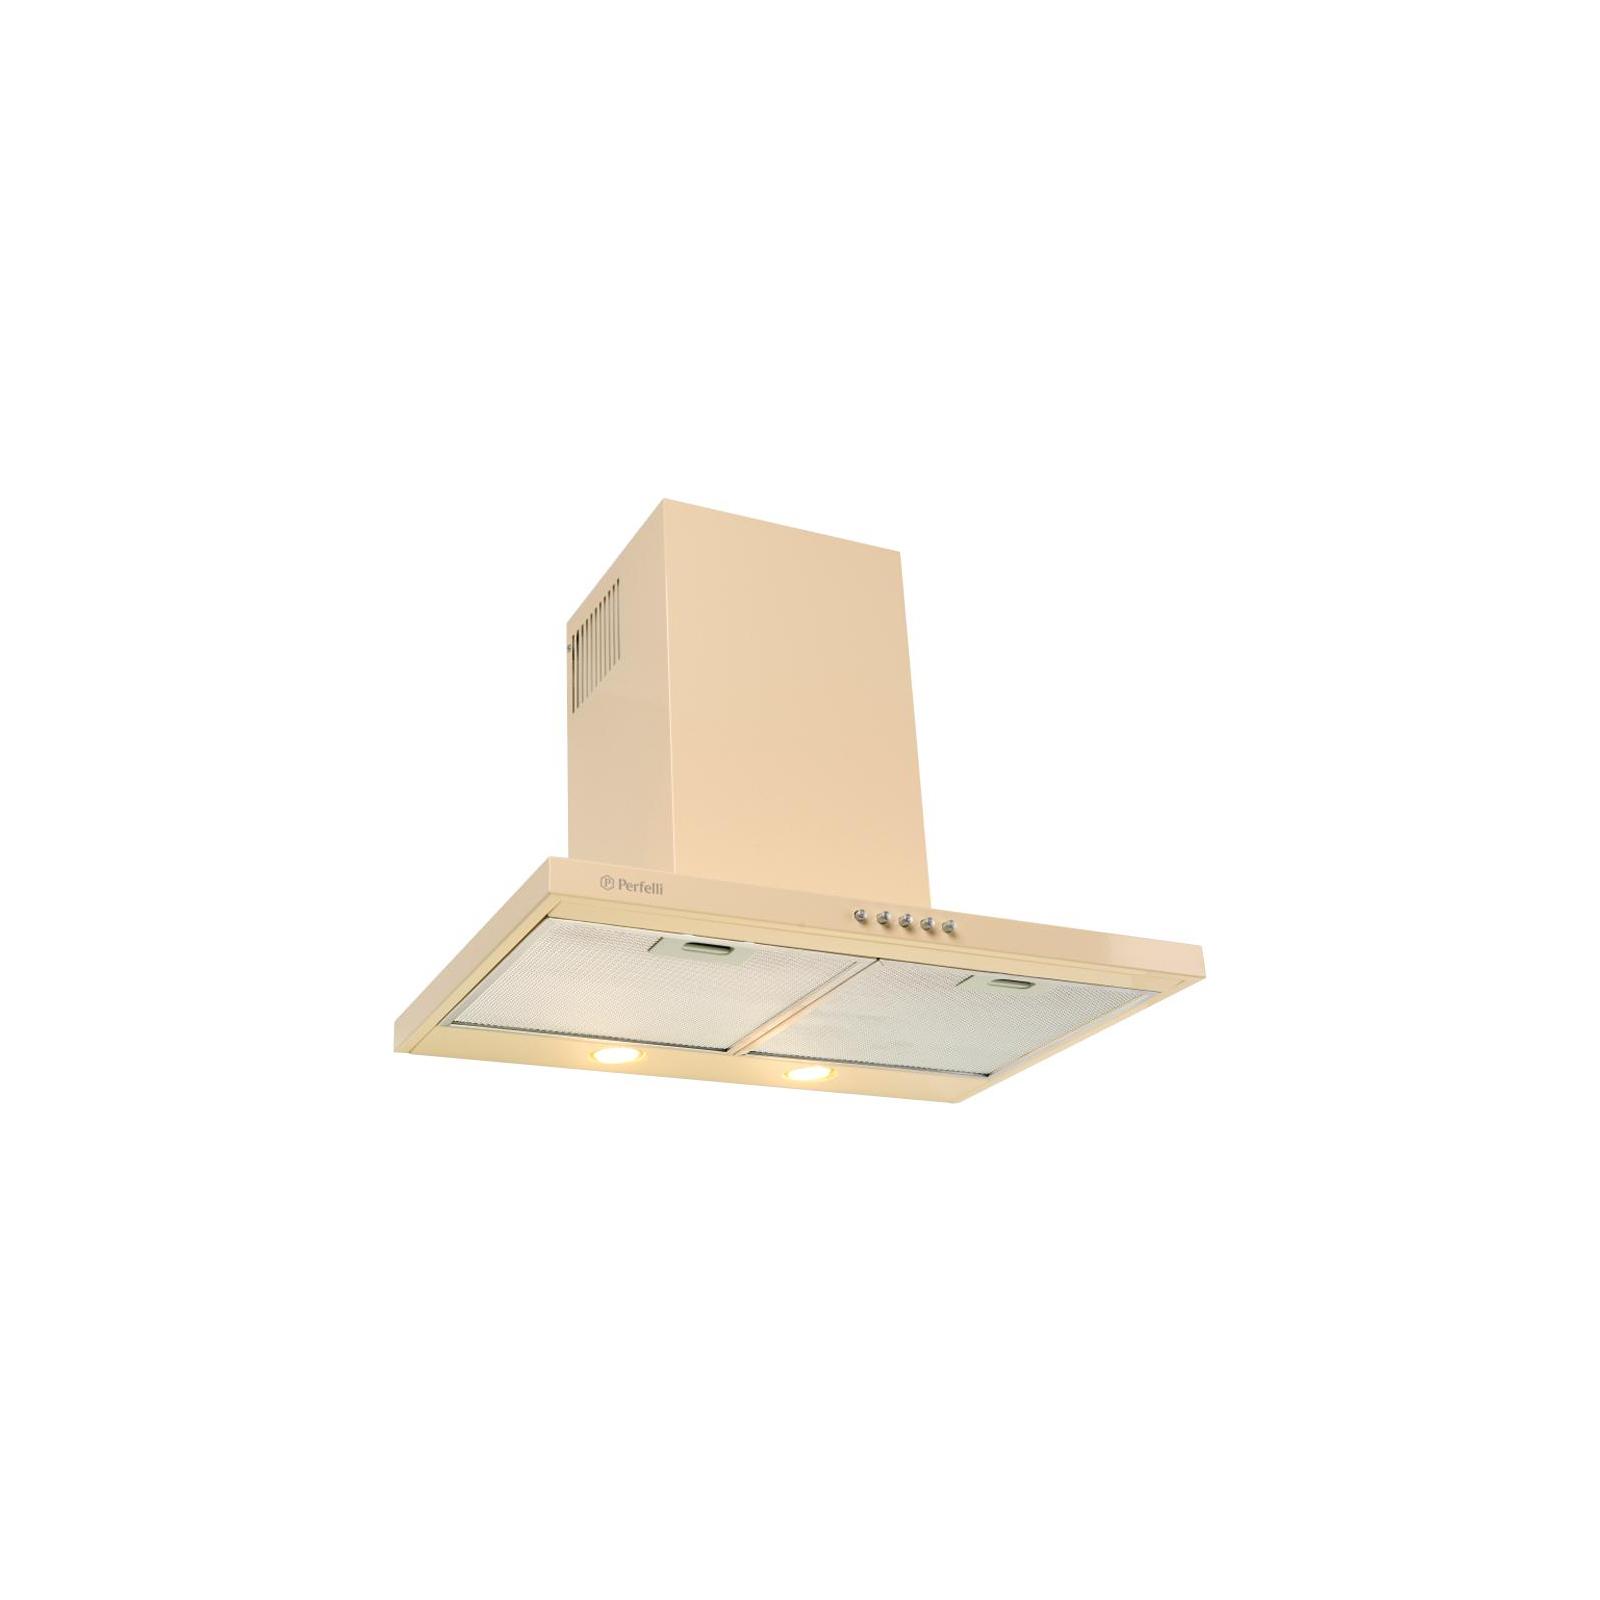 Вытяжка кухонная PERFELLI T 6612 A 1000 IV LED изображение 3